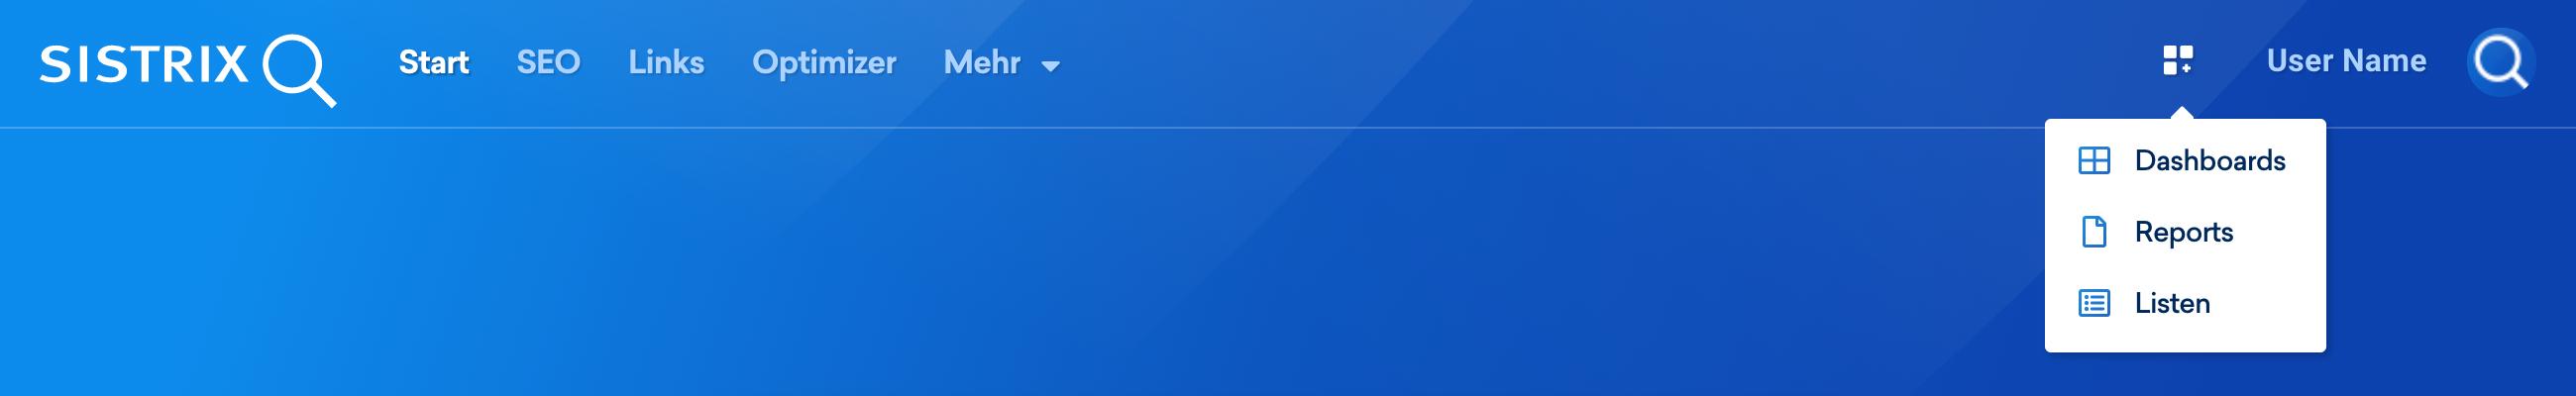 Über das Symbol in der Nähe deines Profilbilds in der oberen rechten Ecke des Bildschirms gelangst du jederzeit zu deinen Dashboards.